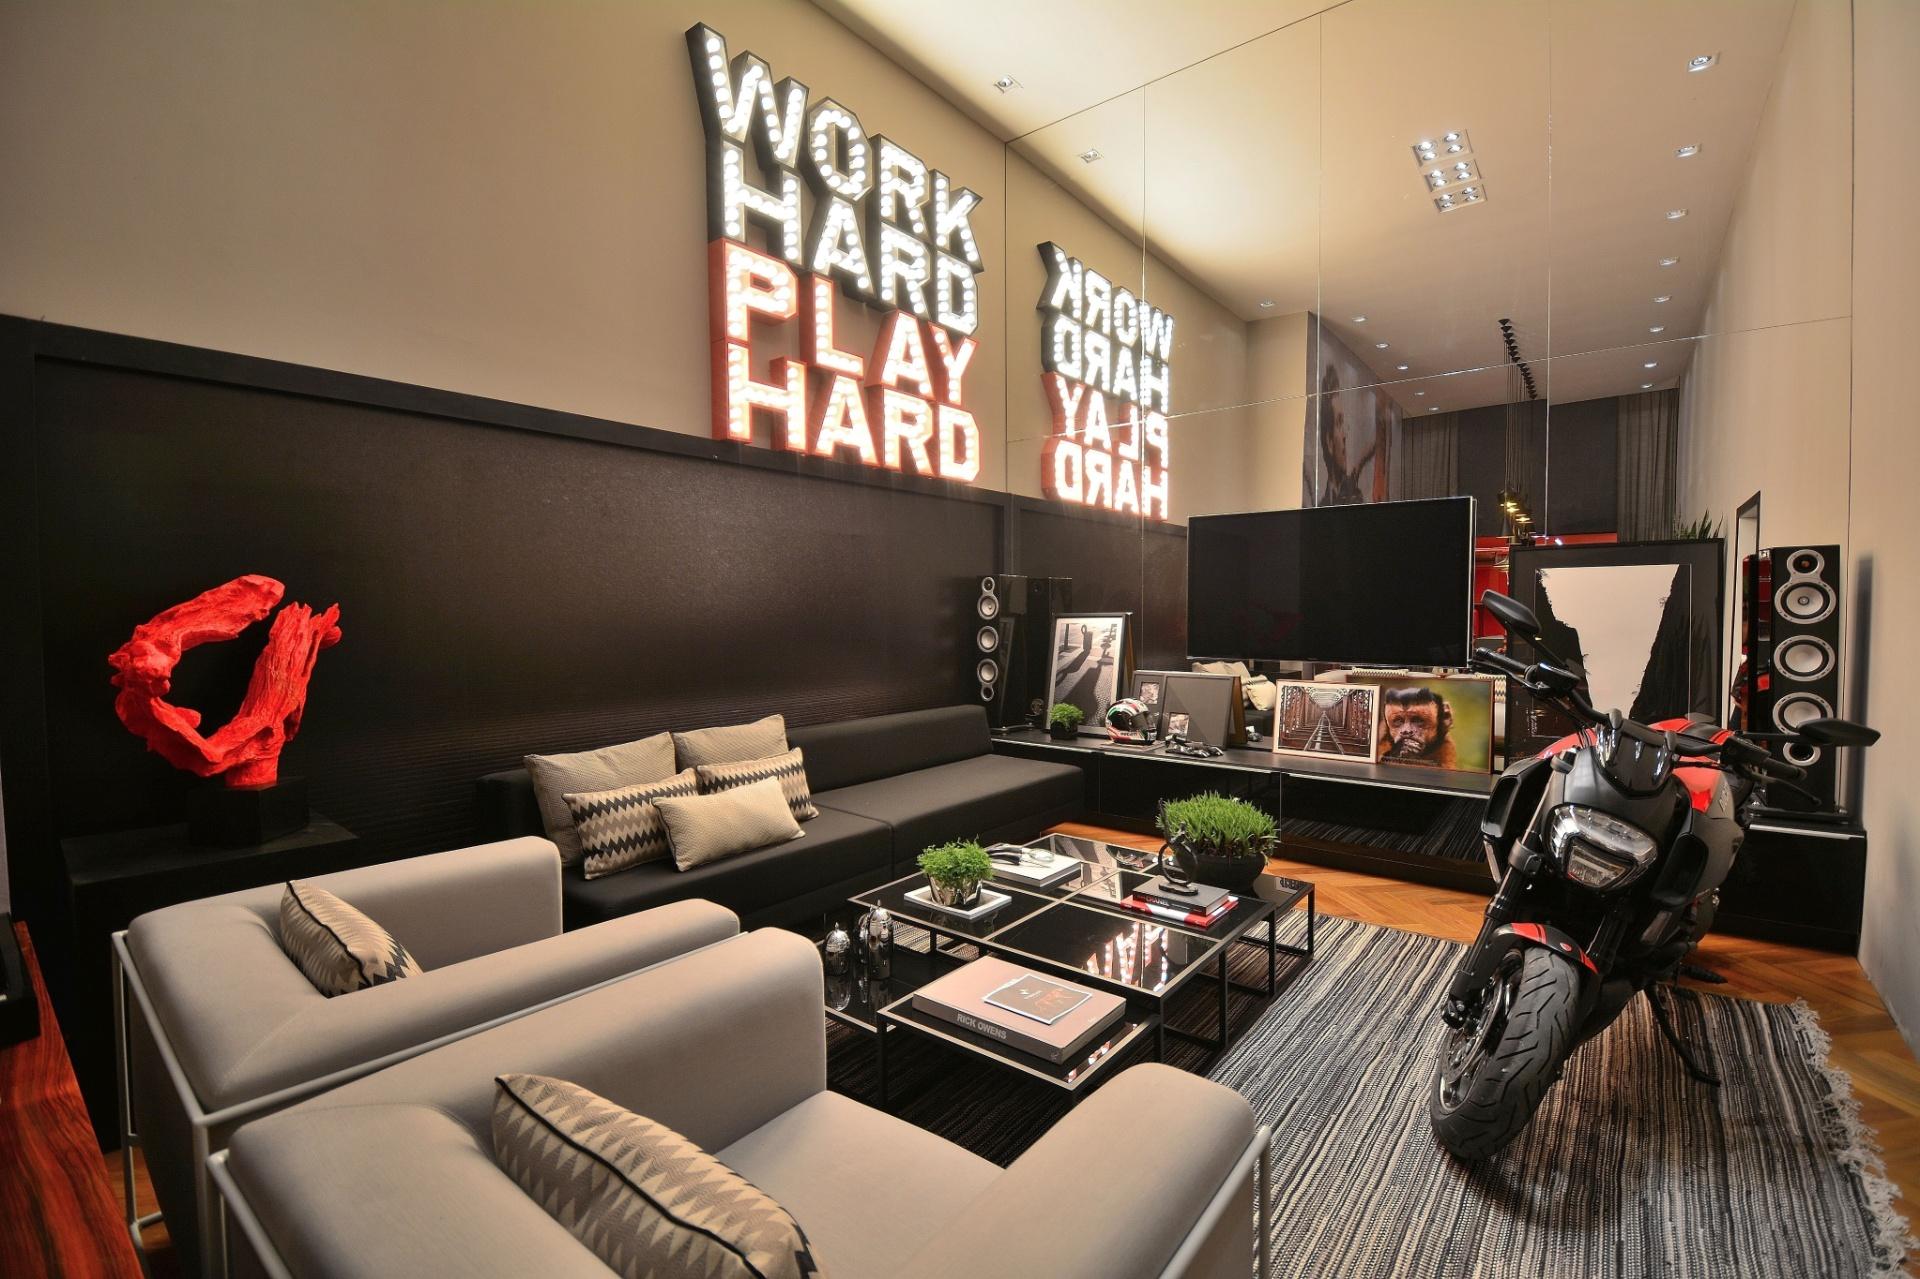 #B22019 preto cinza marca a sala de estar do projeto Work Hard Play Hard de  1920x1279 píxeis em Decoração De Sala De Estar Em Cinza